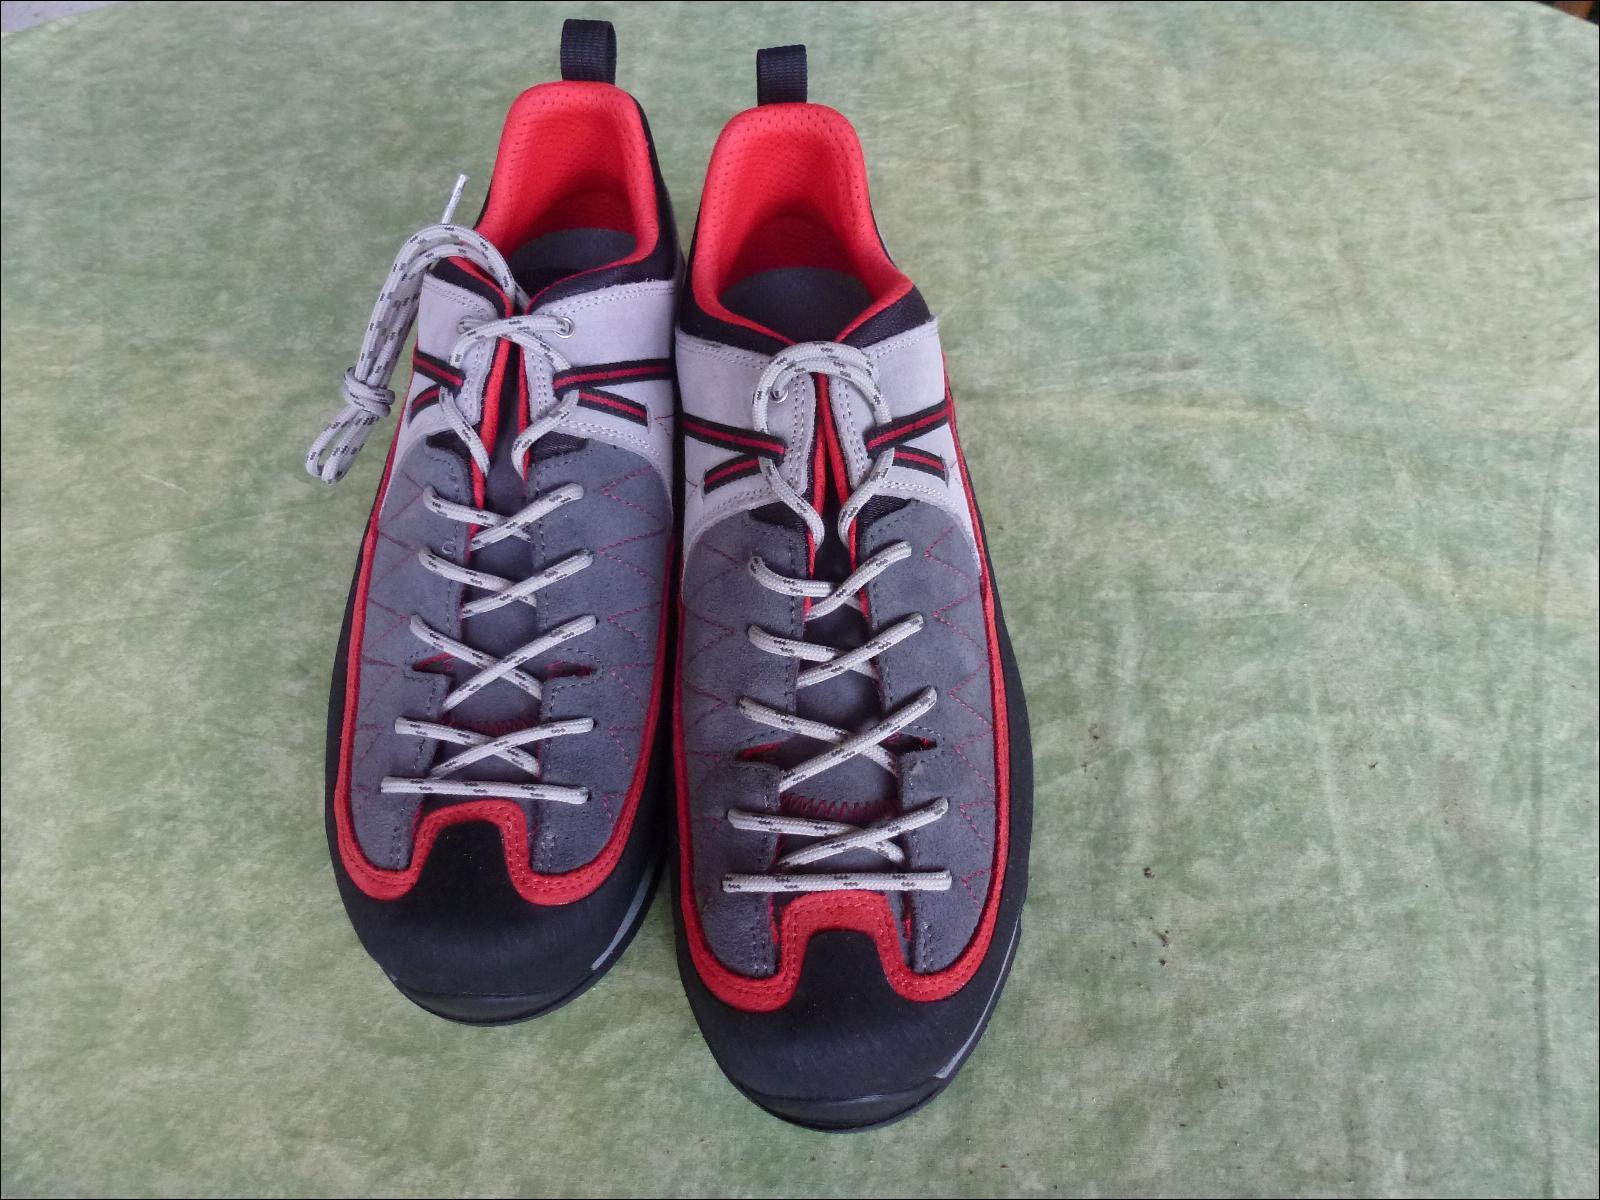 Chaussures Et Asolo Salyan D'approche Escalade rrwHqR0